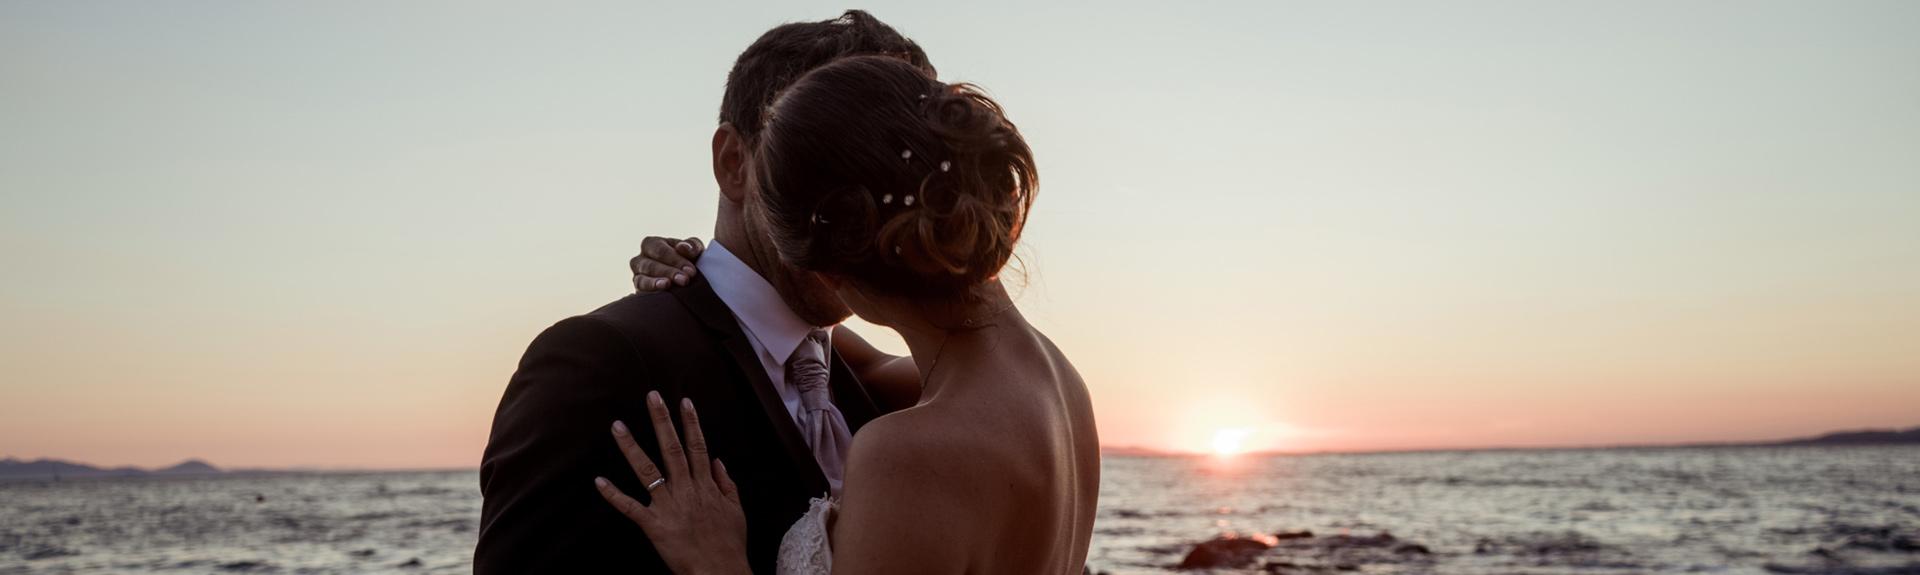 Hochzeiten, Kommunionen, Taufen